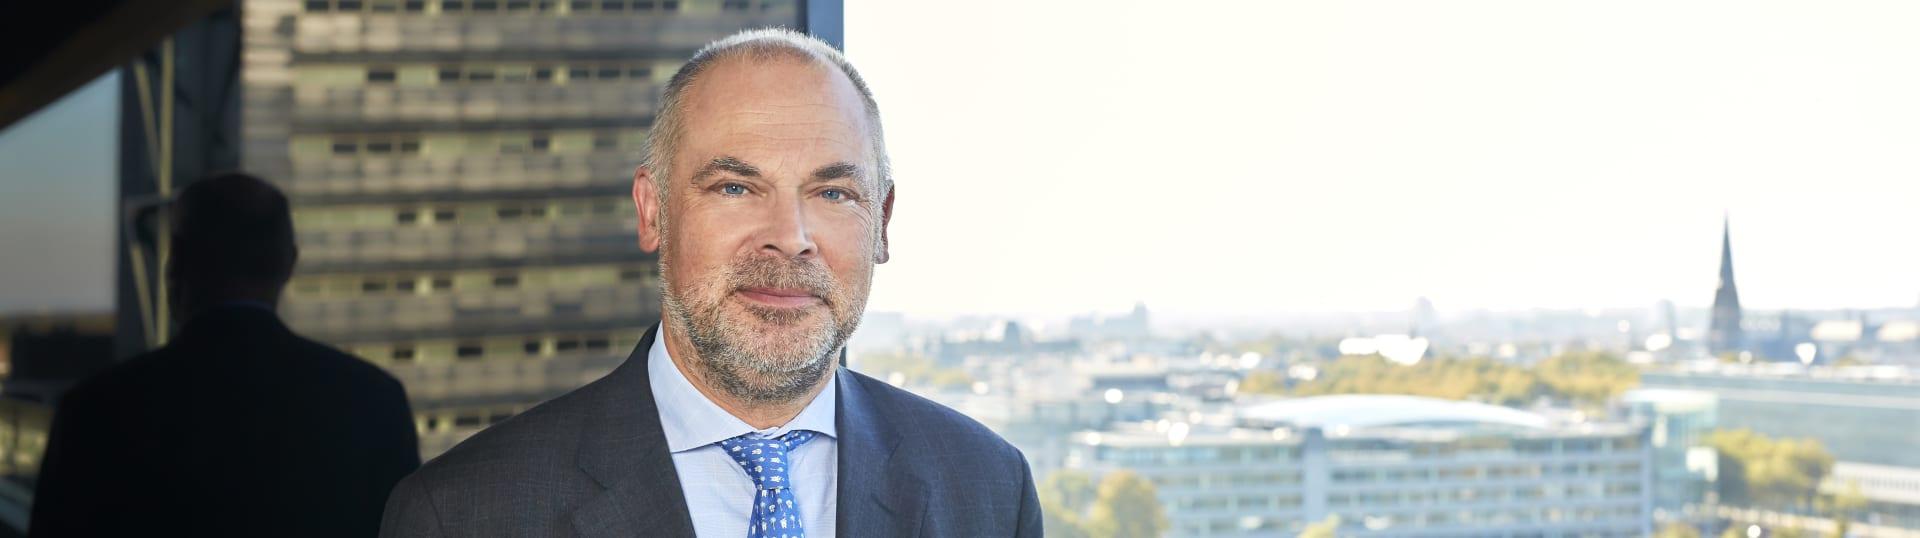 Erik Pijnacker Hordijk, advocaat Pels Rijcken